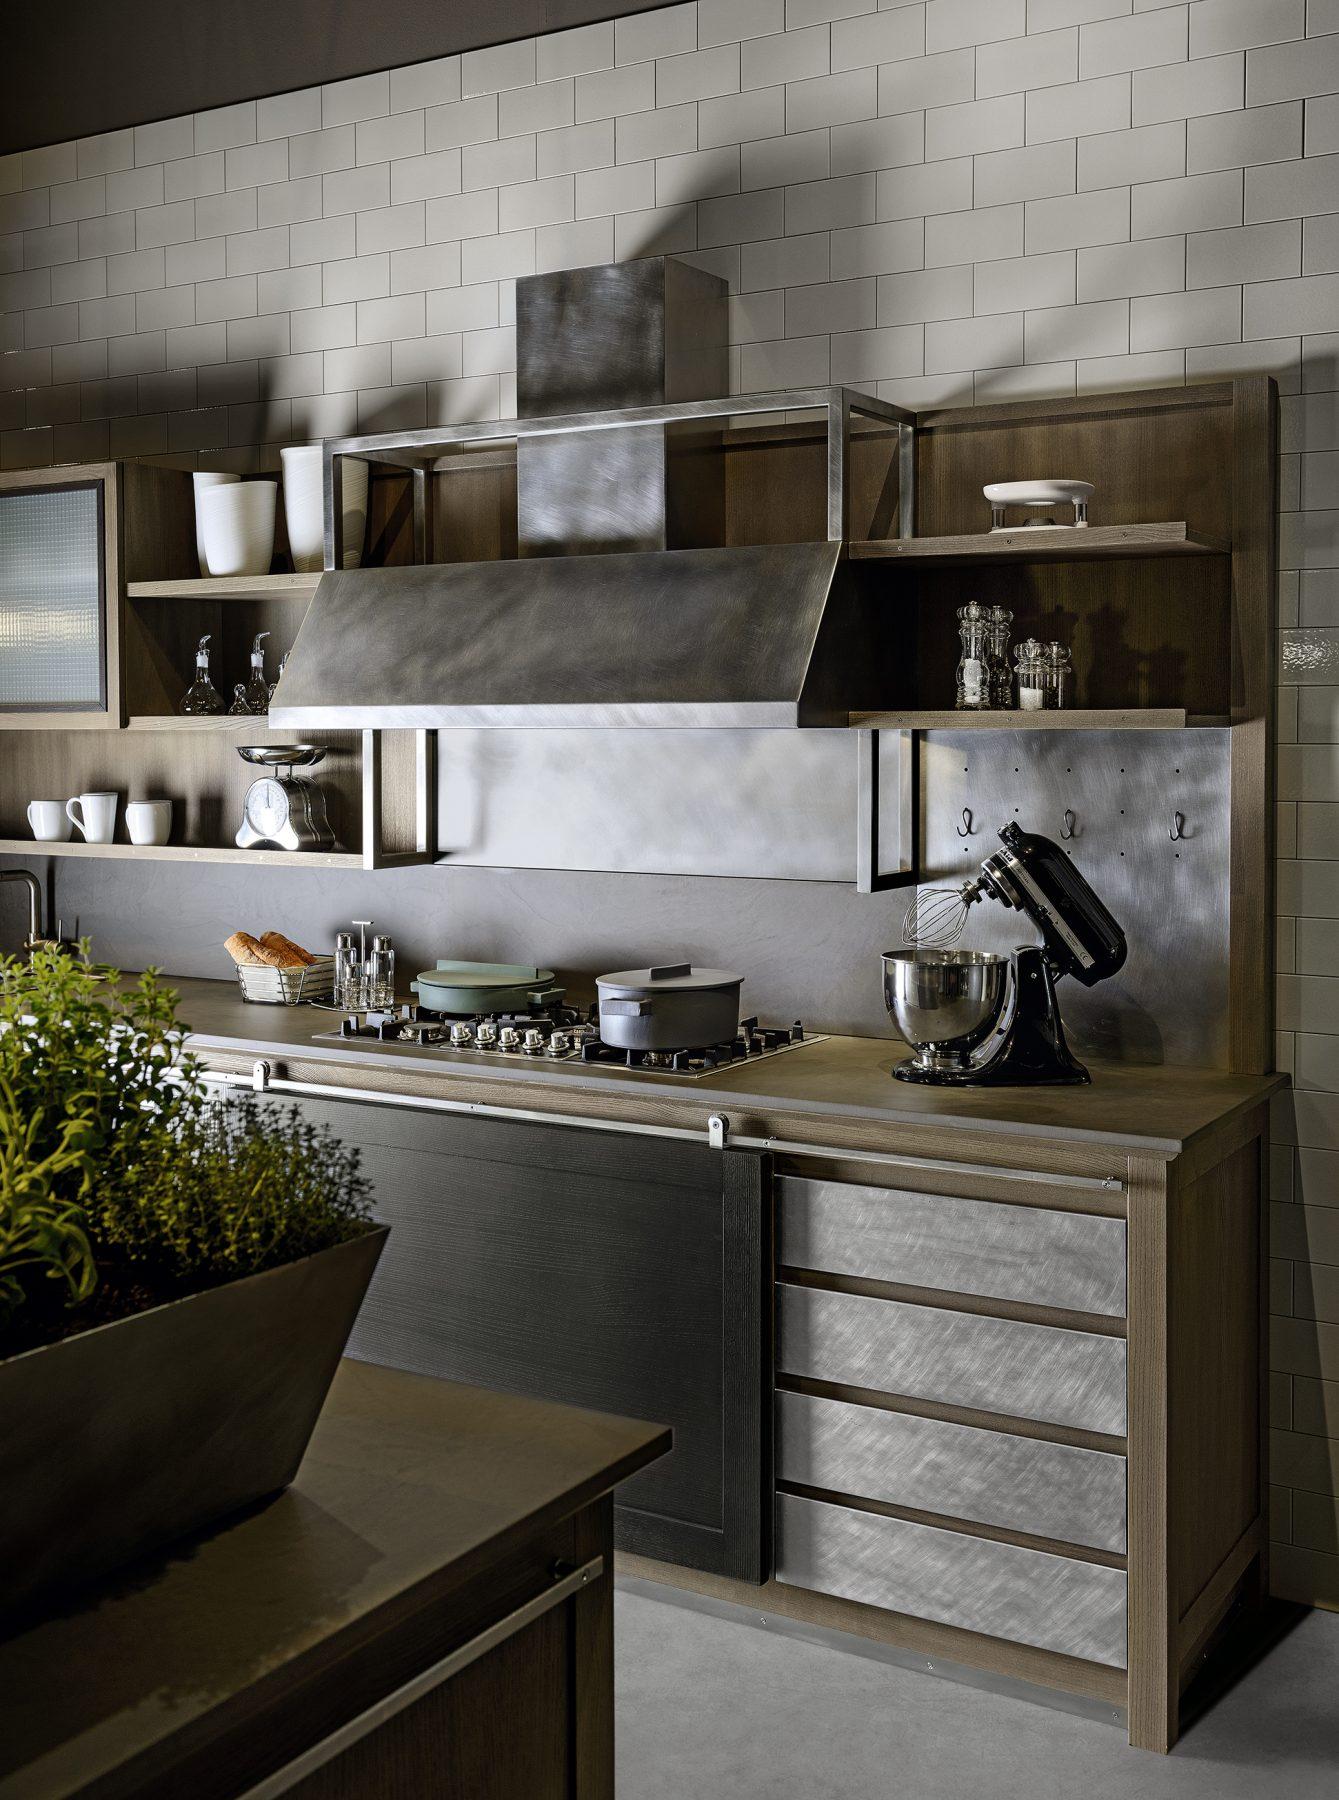 Cucine Moderne Con Ante Scorrevoli.Cucina Industrial Chic La Cucina Elegante Con Carattere L